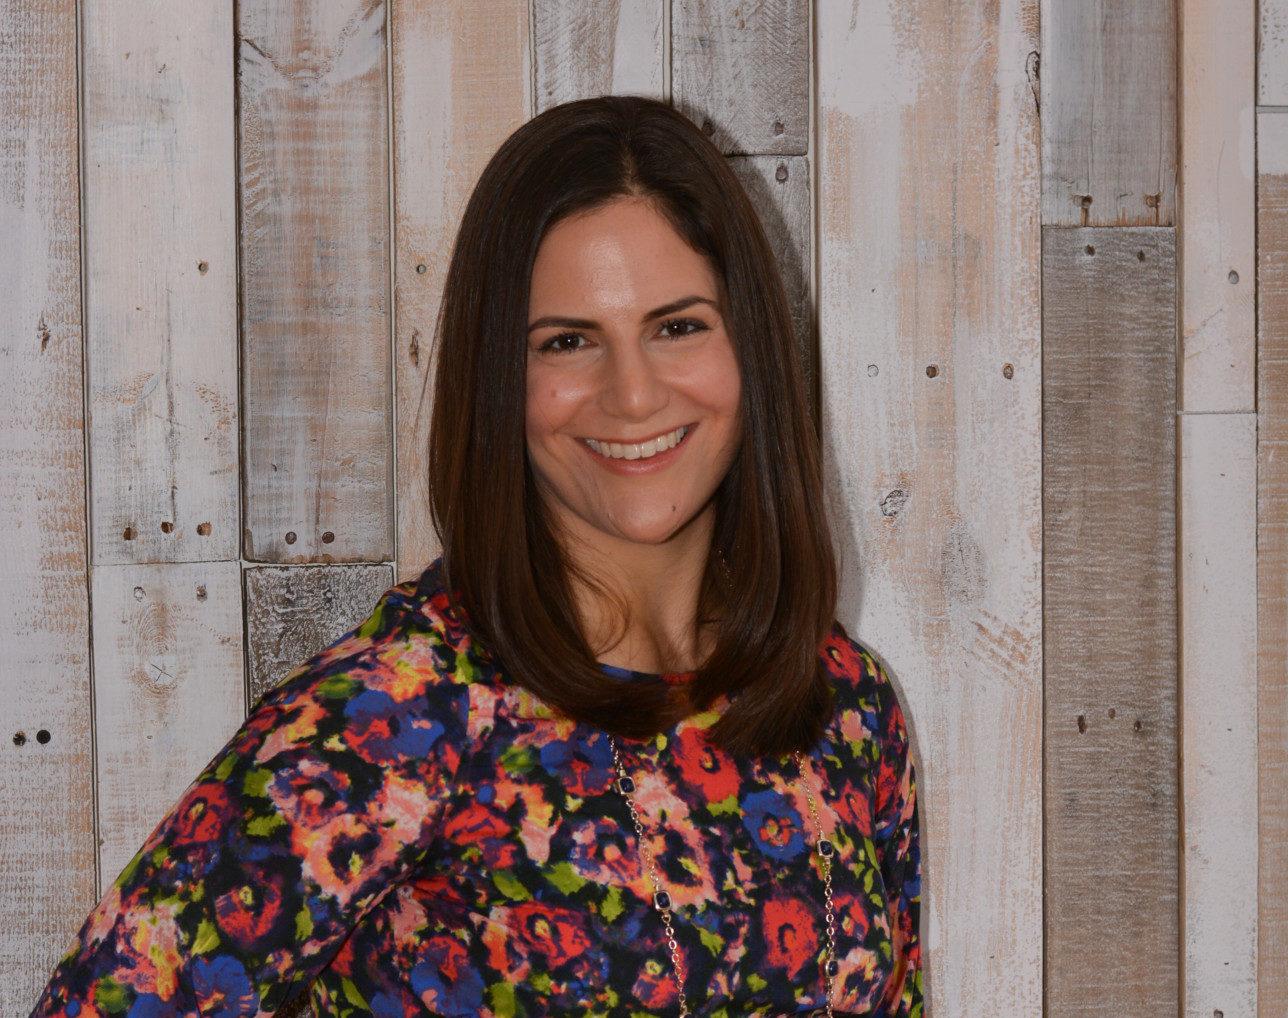 Lindsey Galvao